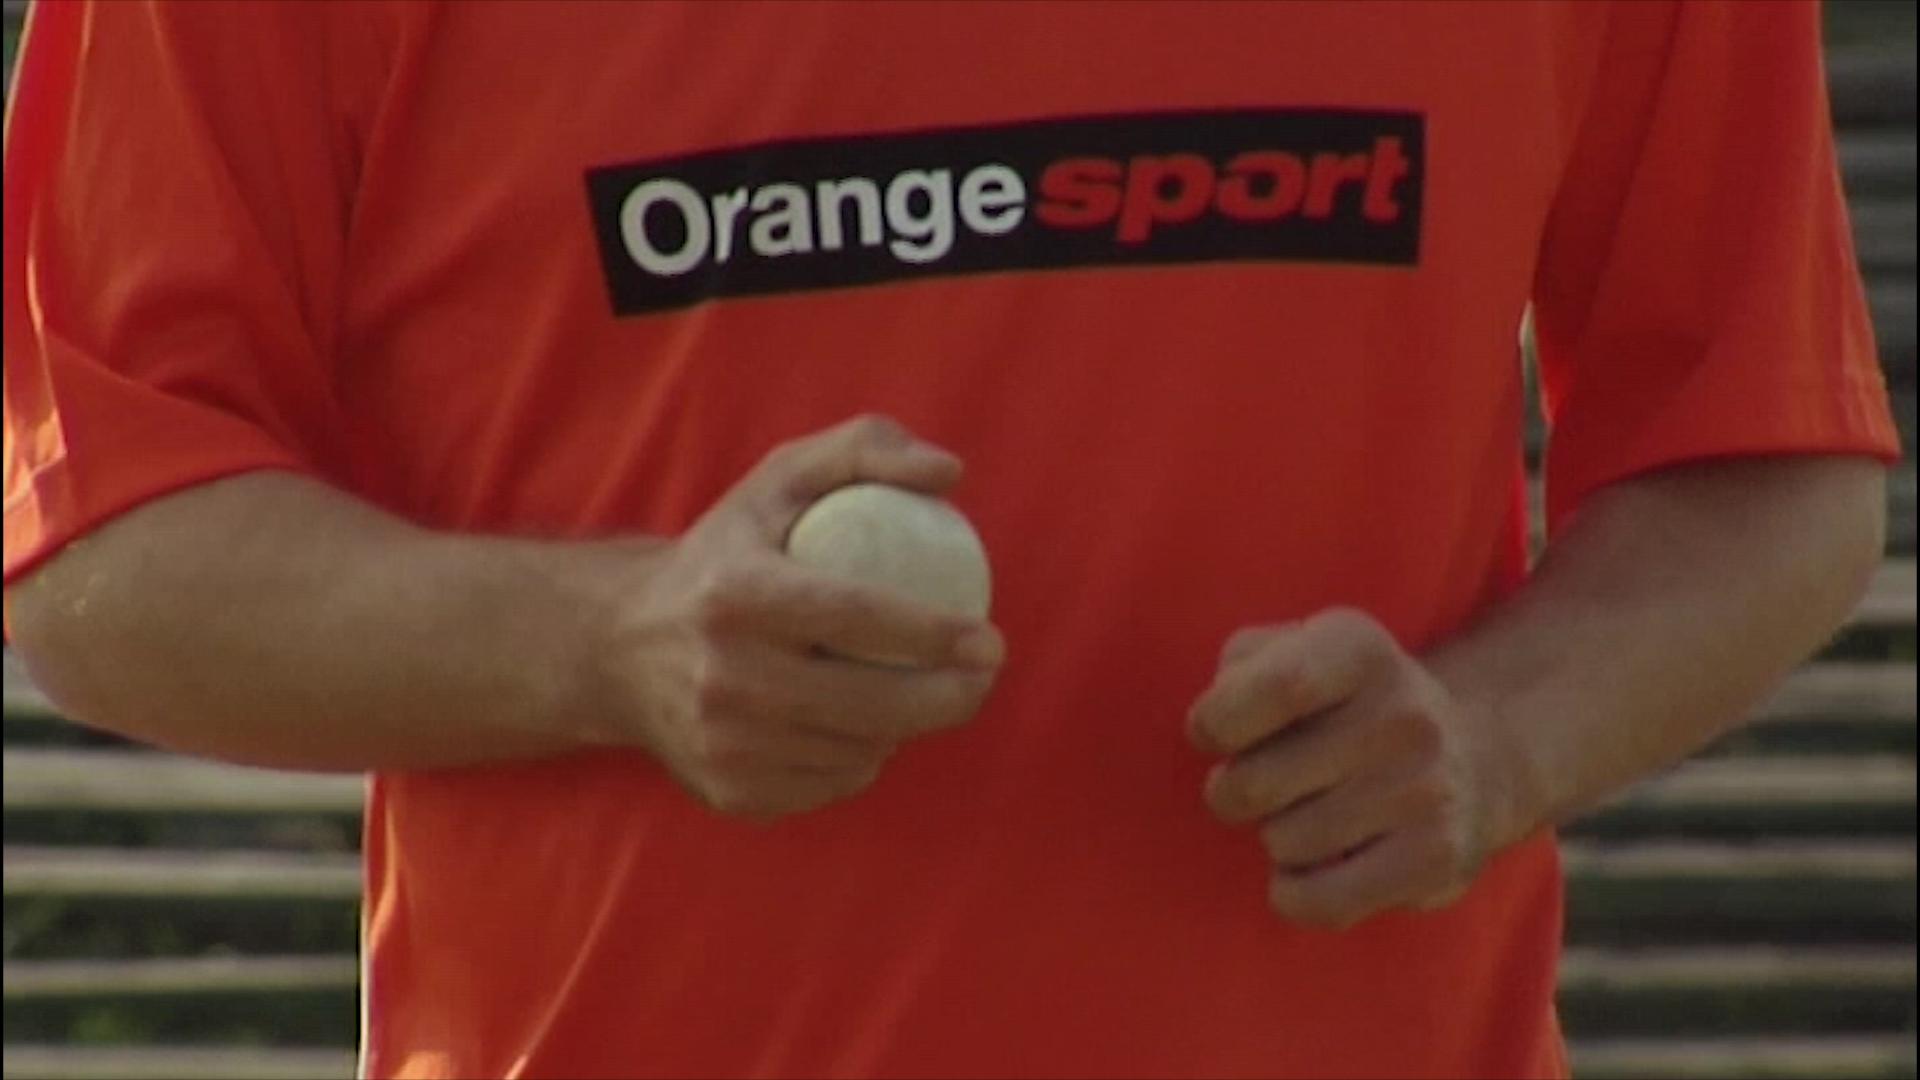 kadr z programu telewizyjnego dla Orange lacrosse